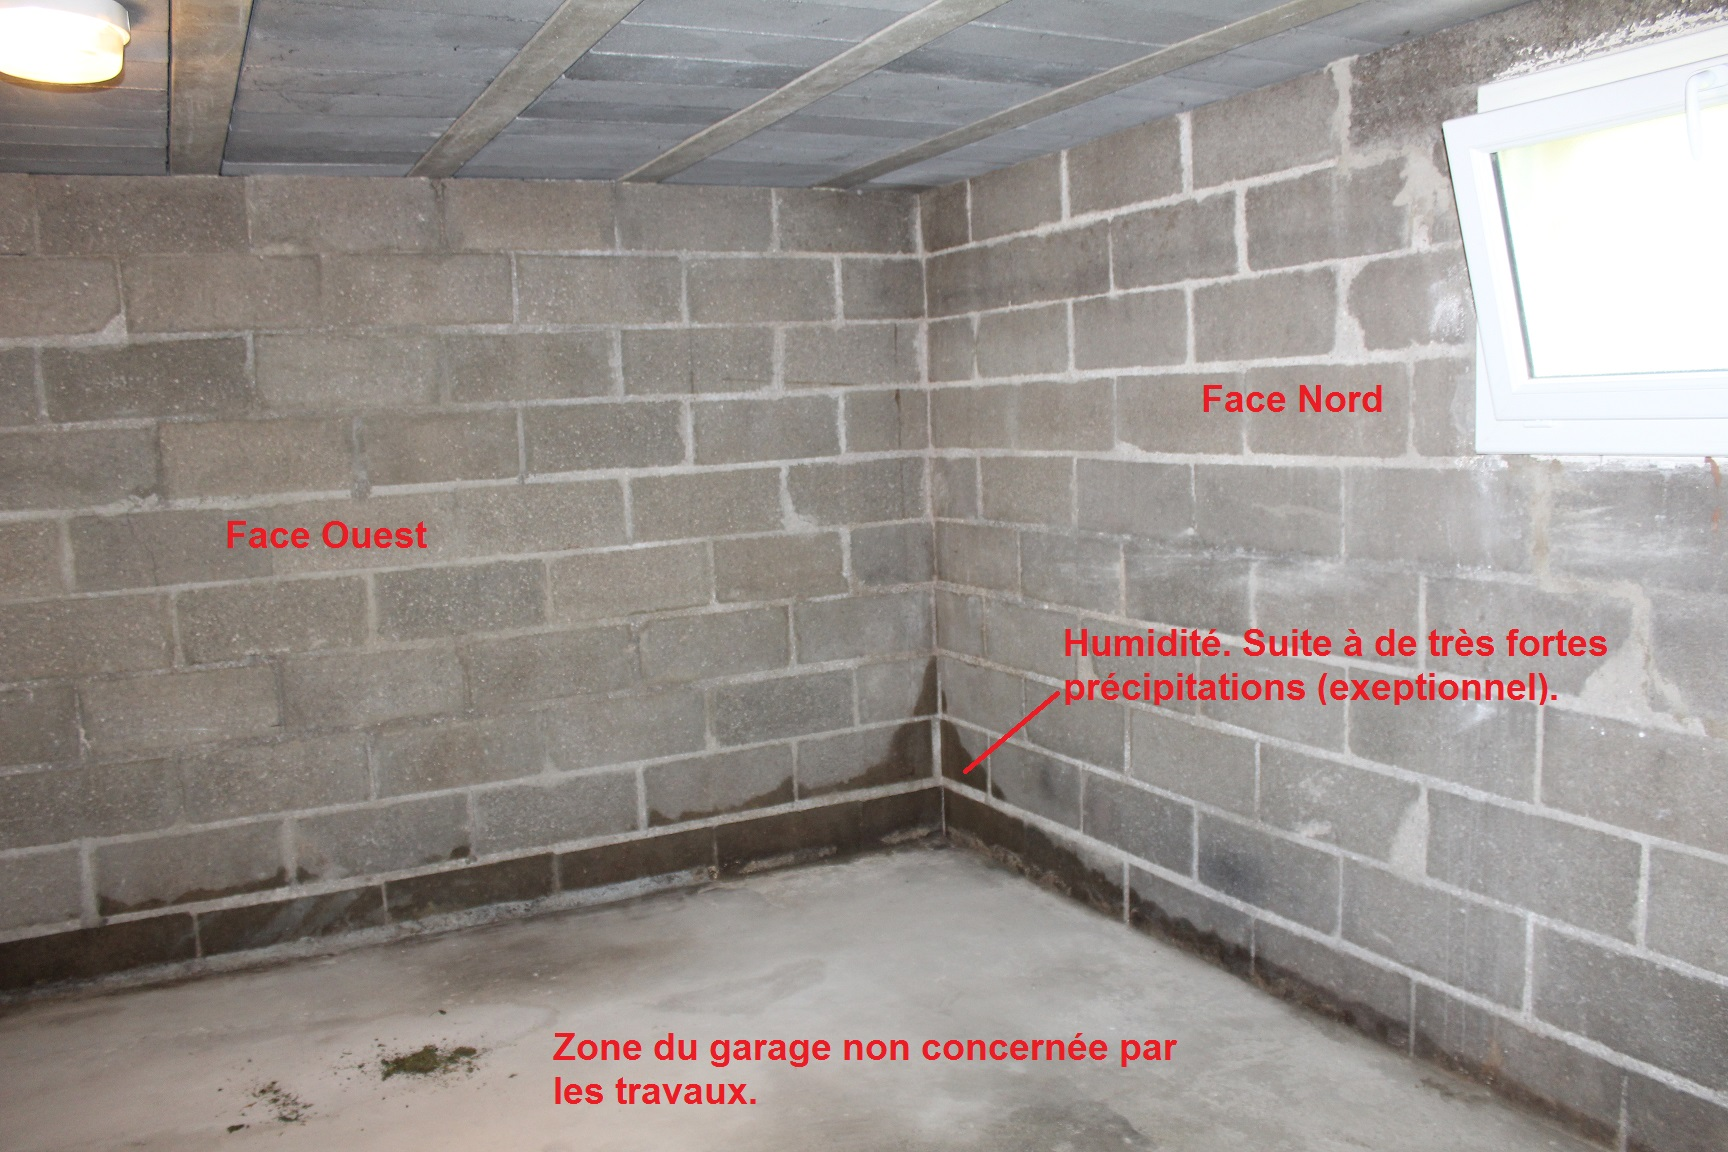 Isolation sous-sol semi-enterré pour accueil visit - Communauté